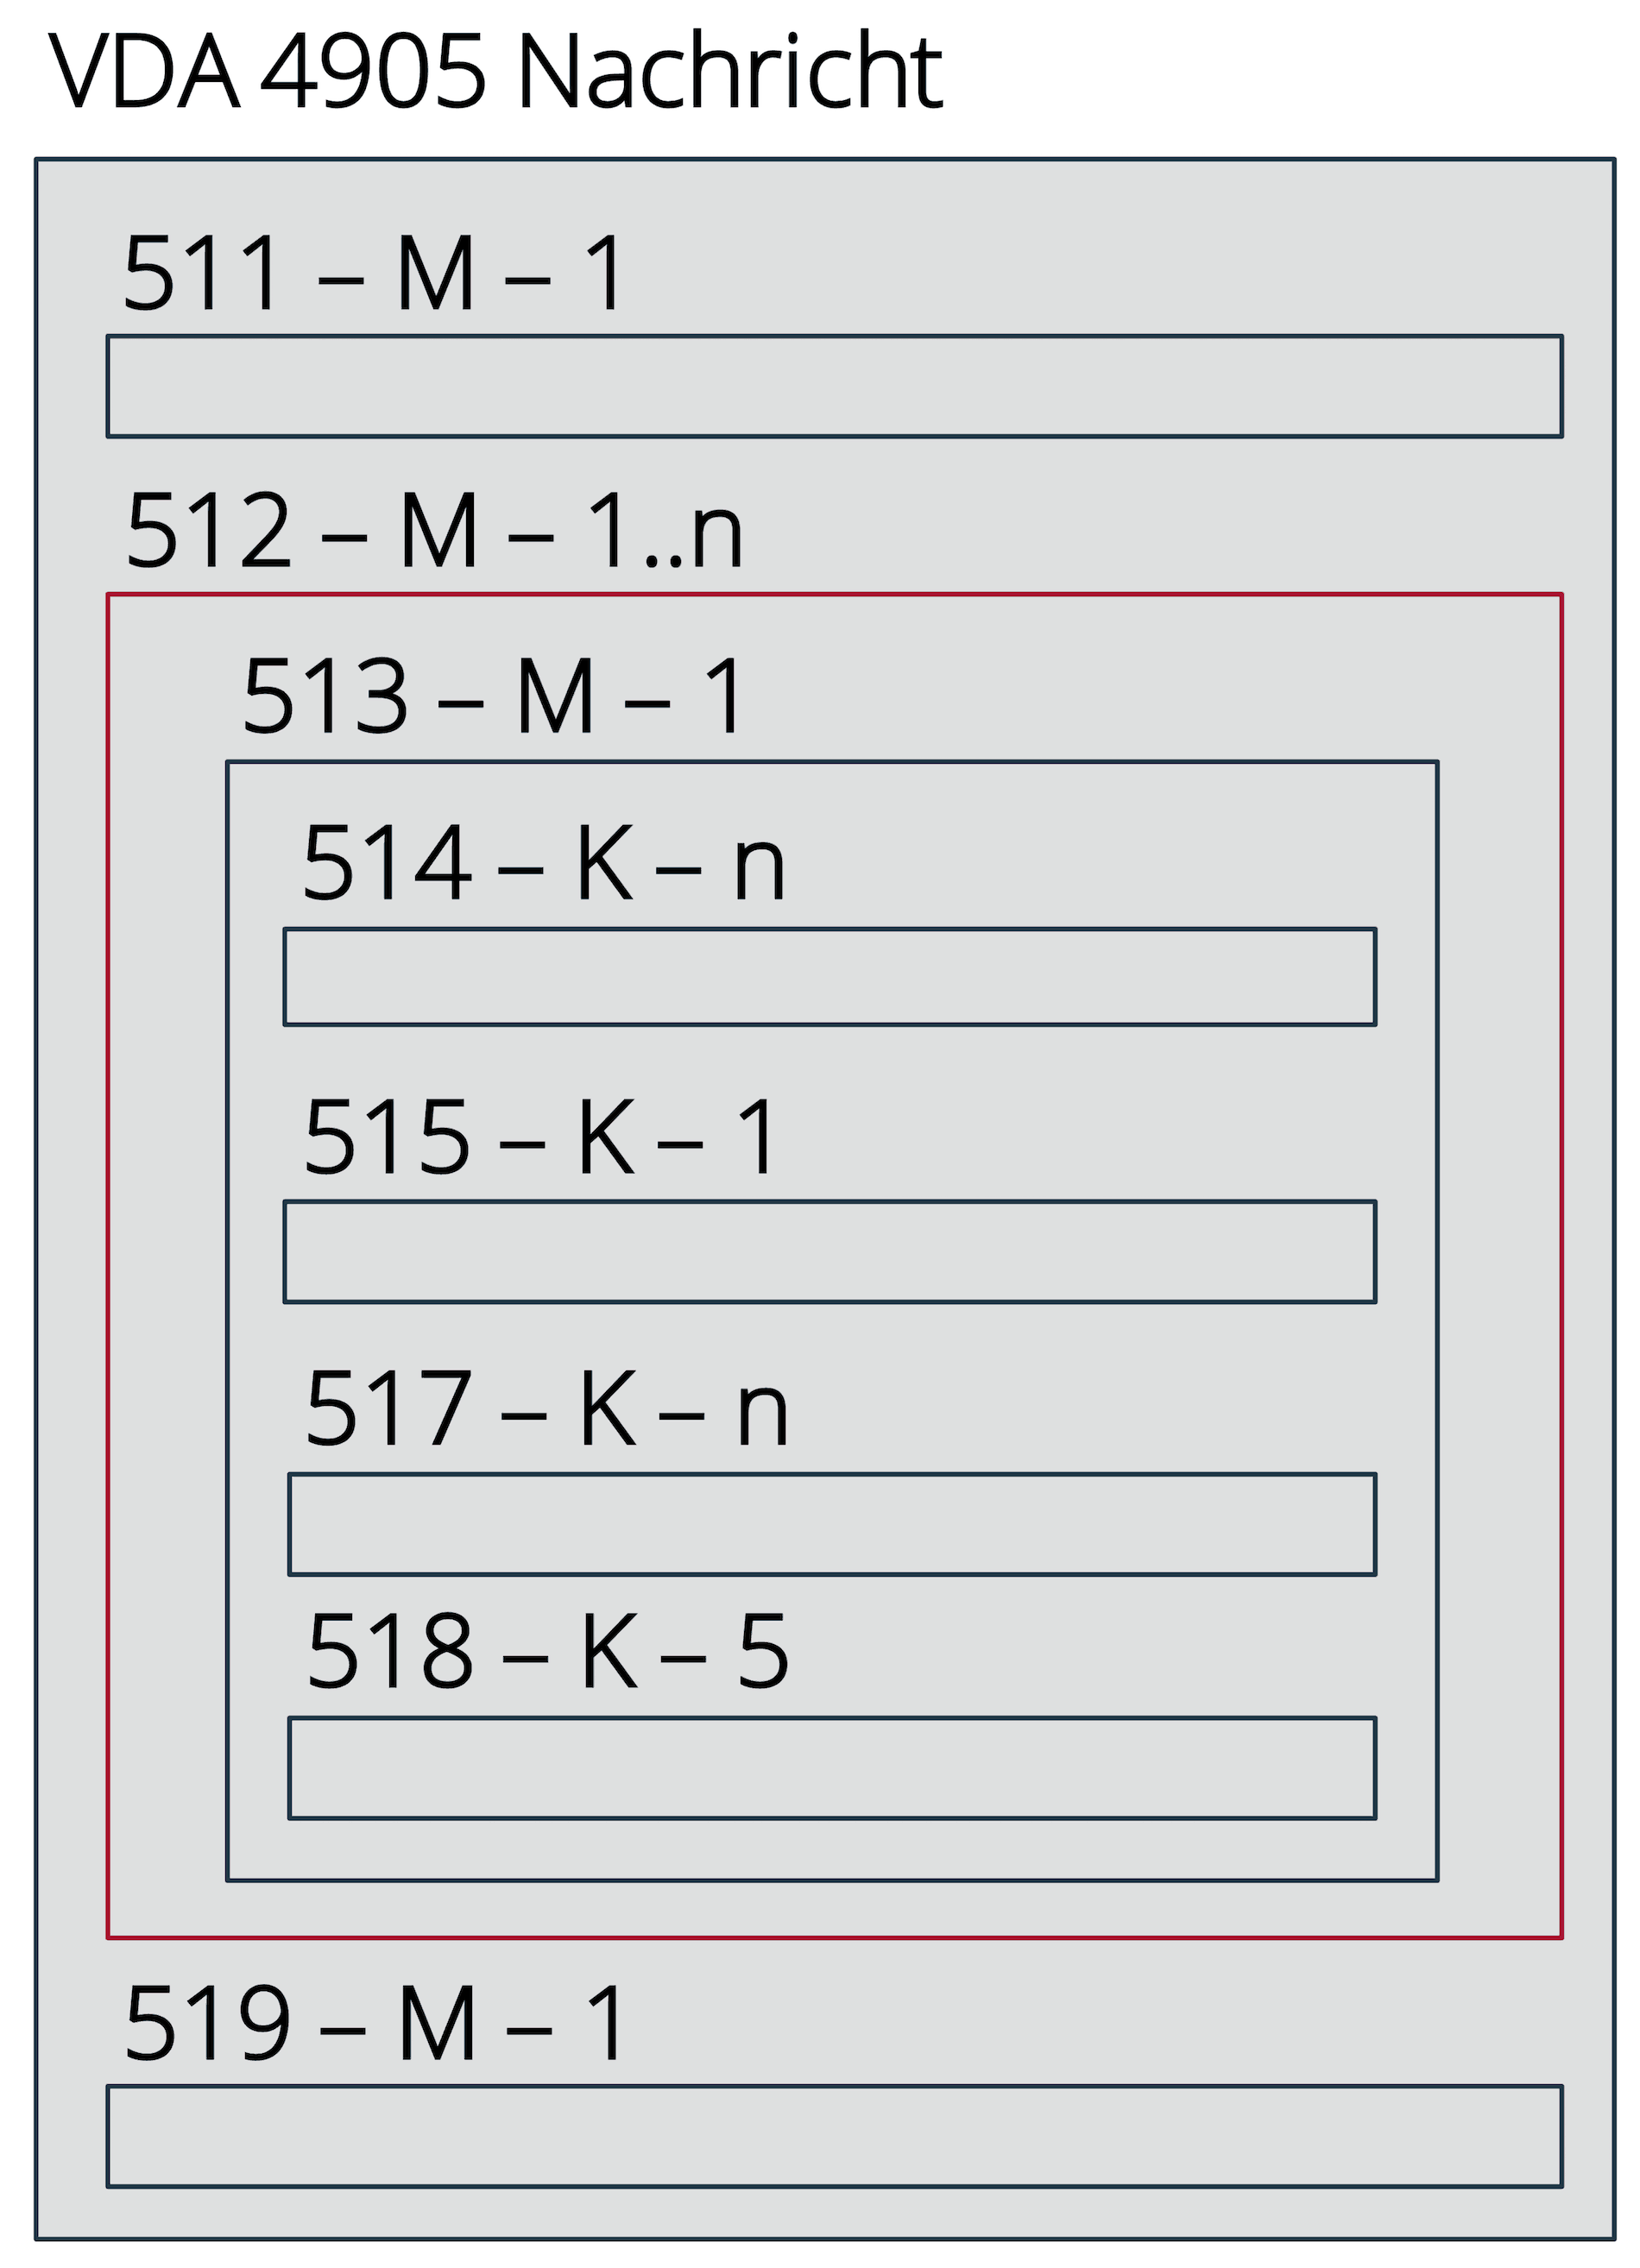 Aufbau eines VDA 4905 Lieferabrufs